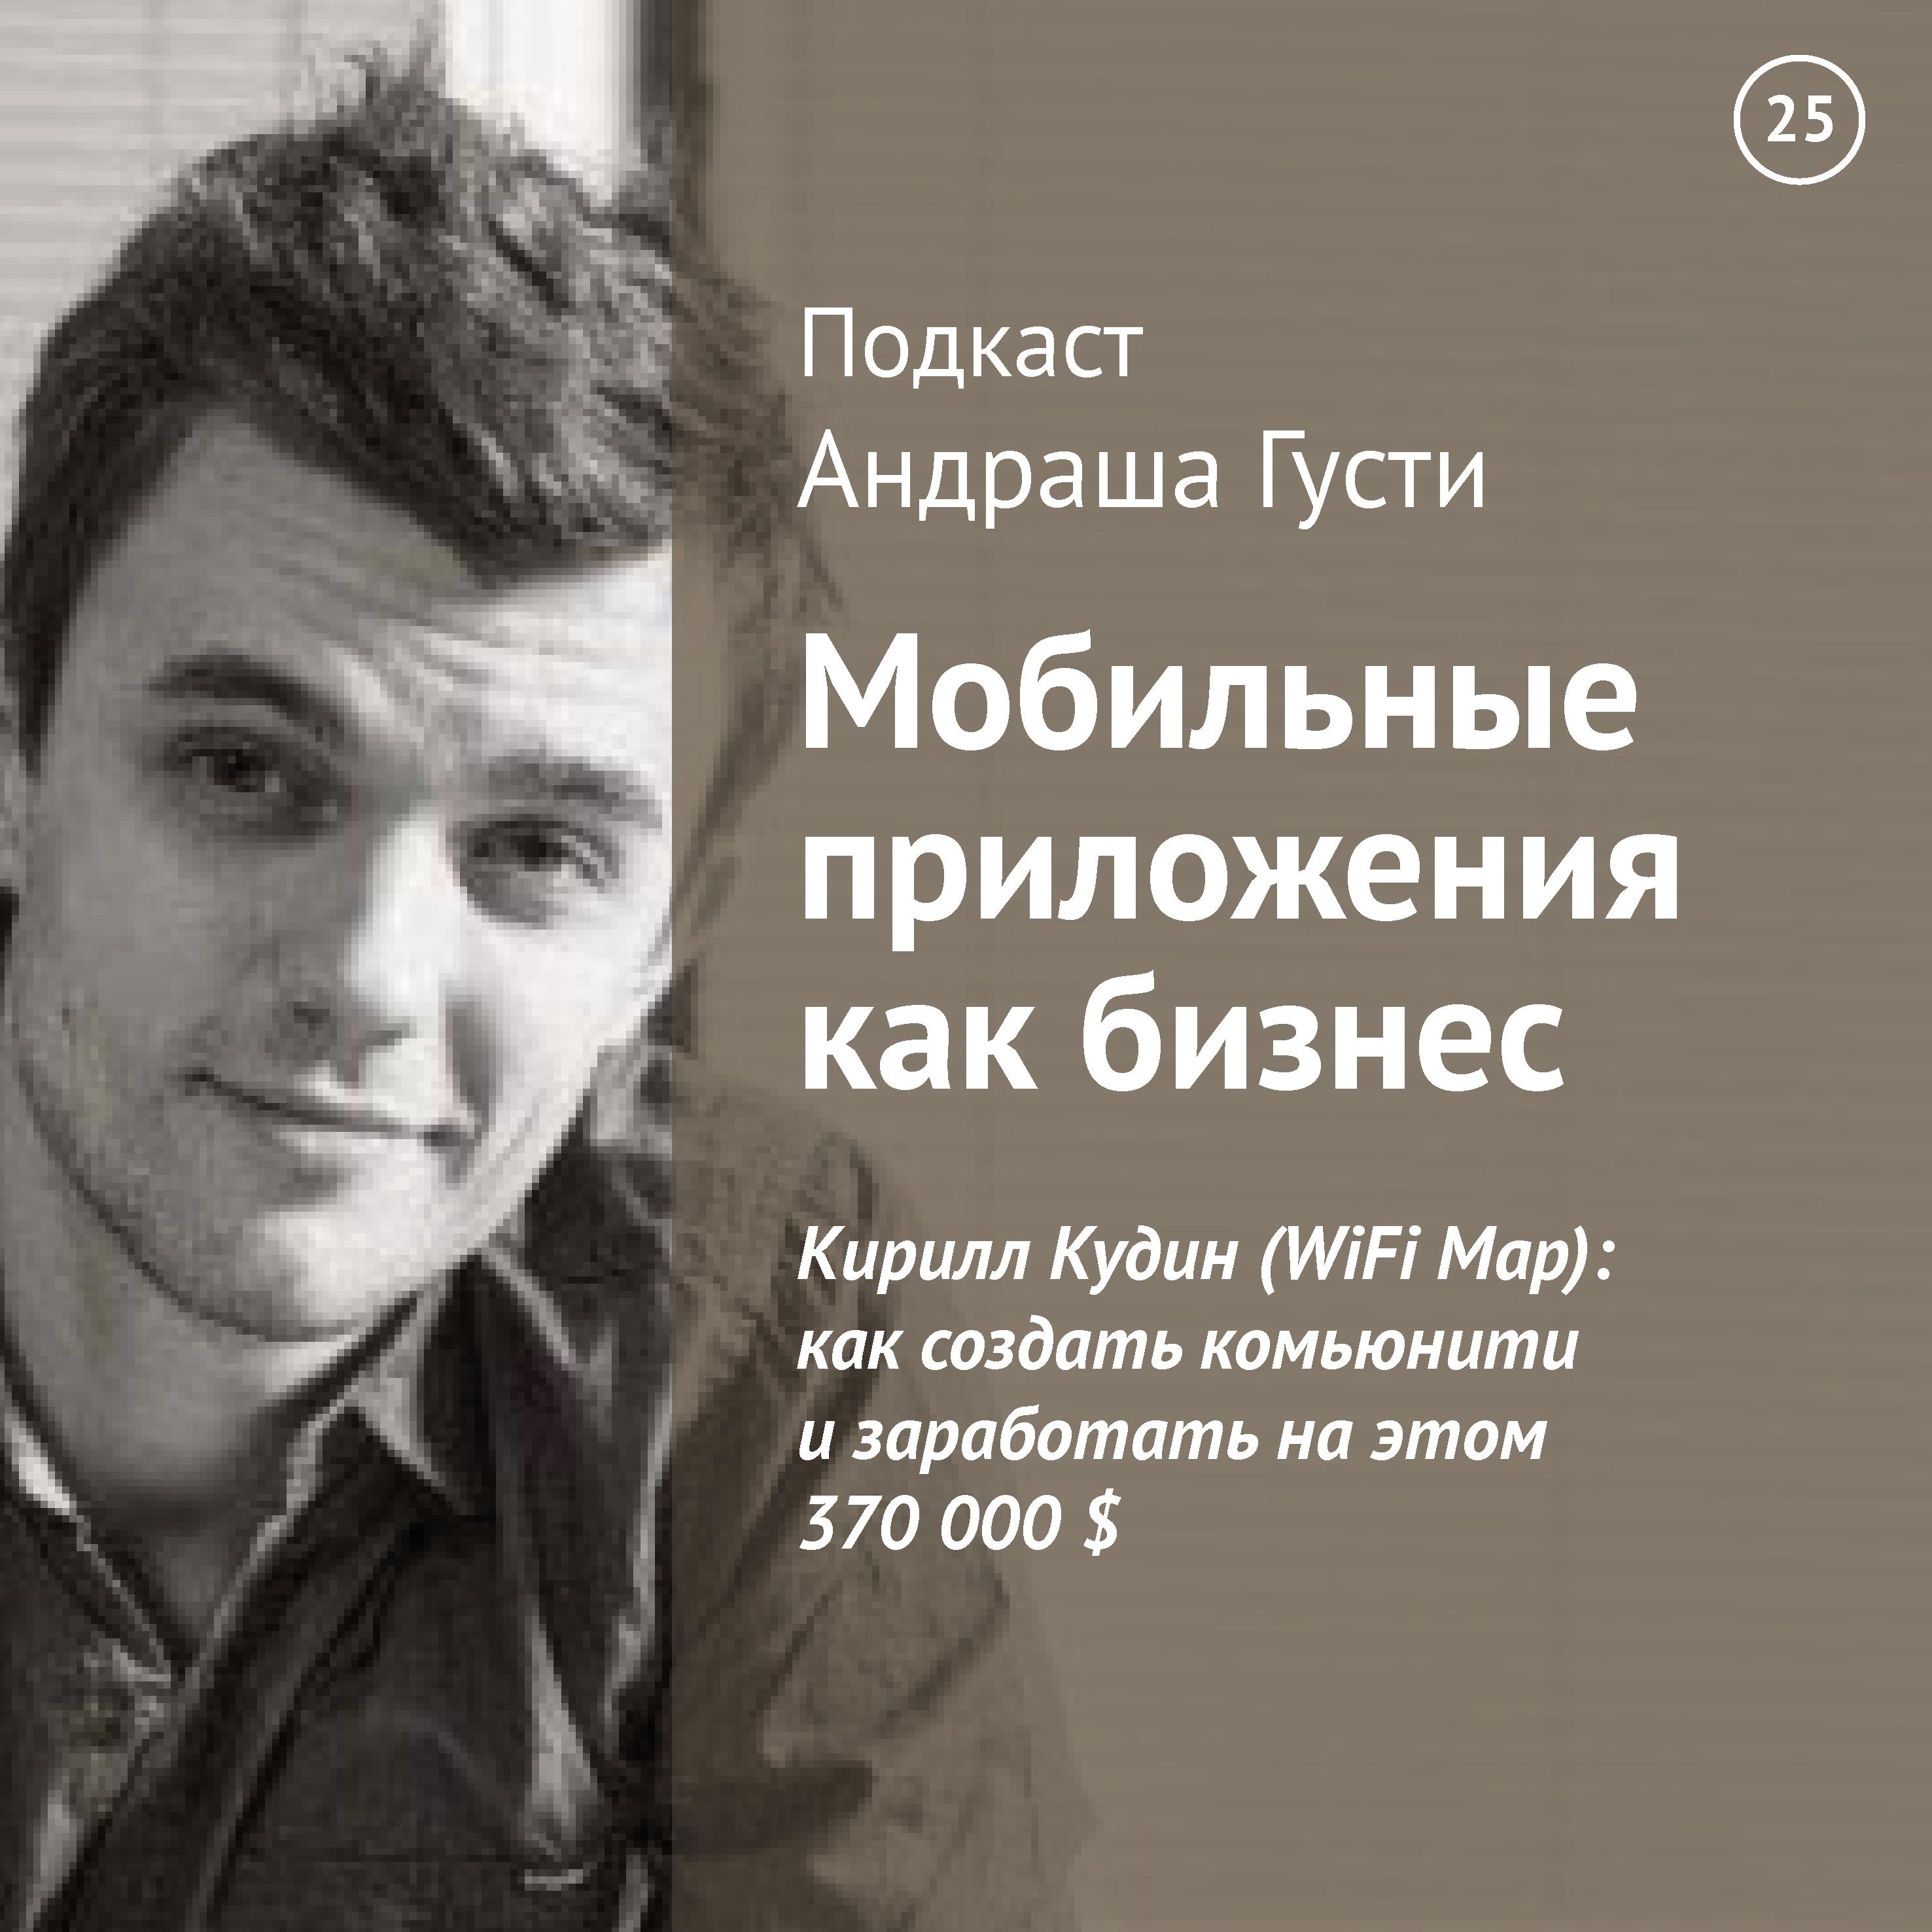 Андраш Густи Кирилл Кудин (WiFi Map): как создать комьюнити и заработать на этом 370 000 $